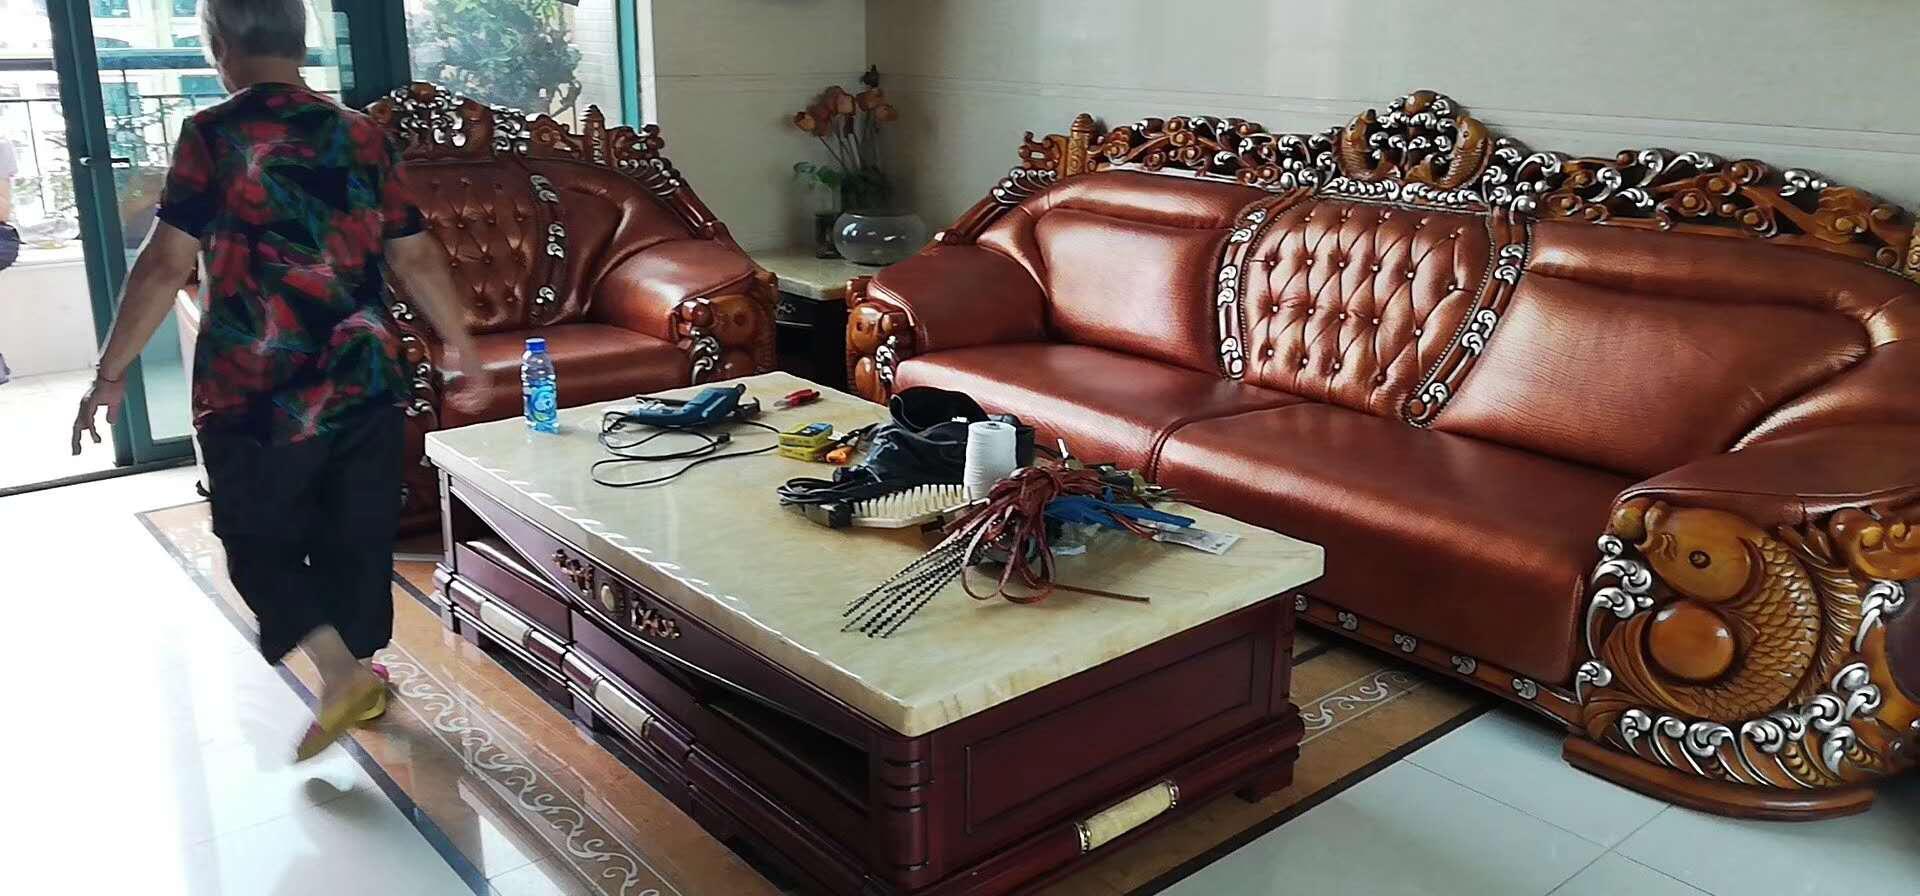 简单的翻新木质沙发上的伤痕和划痕